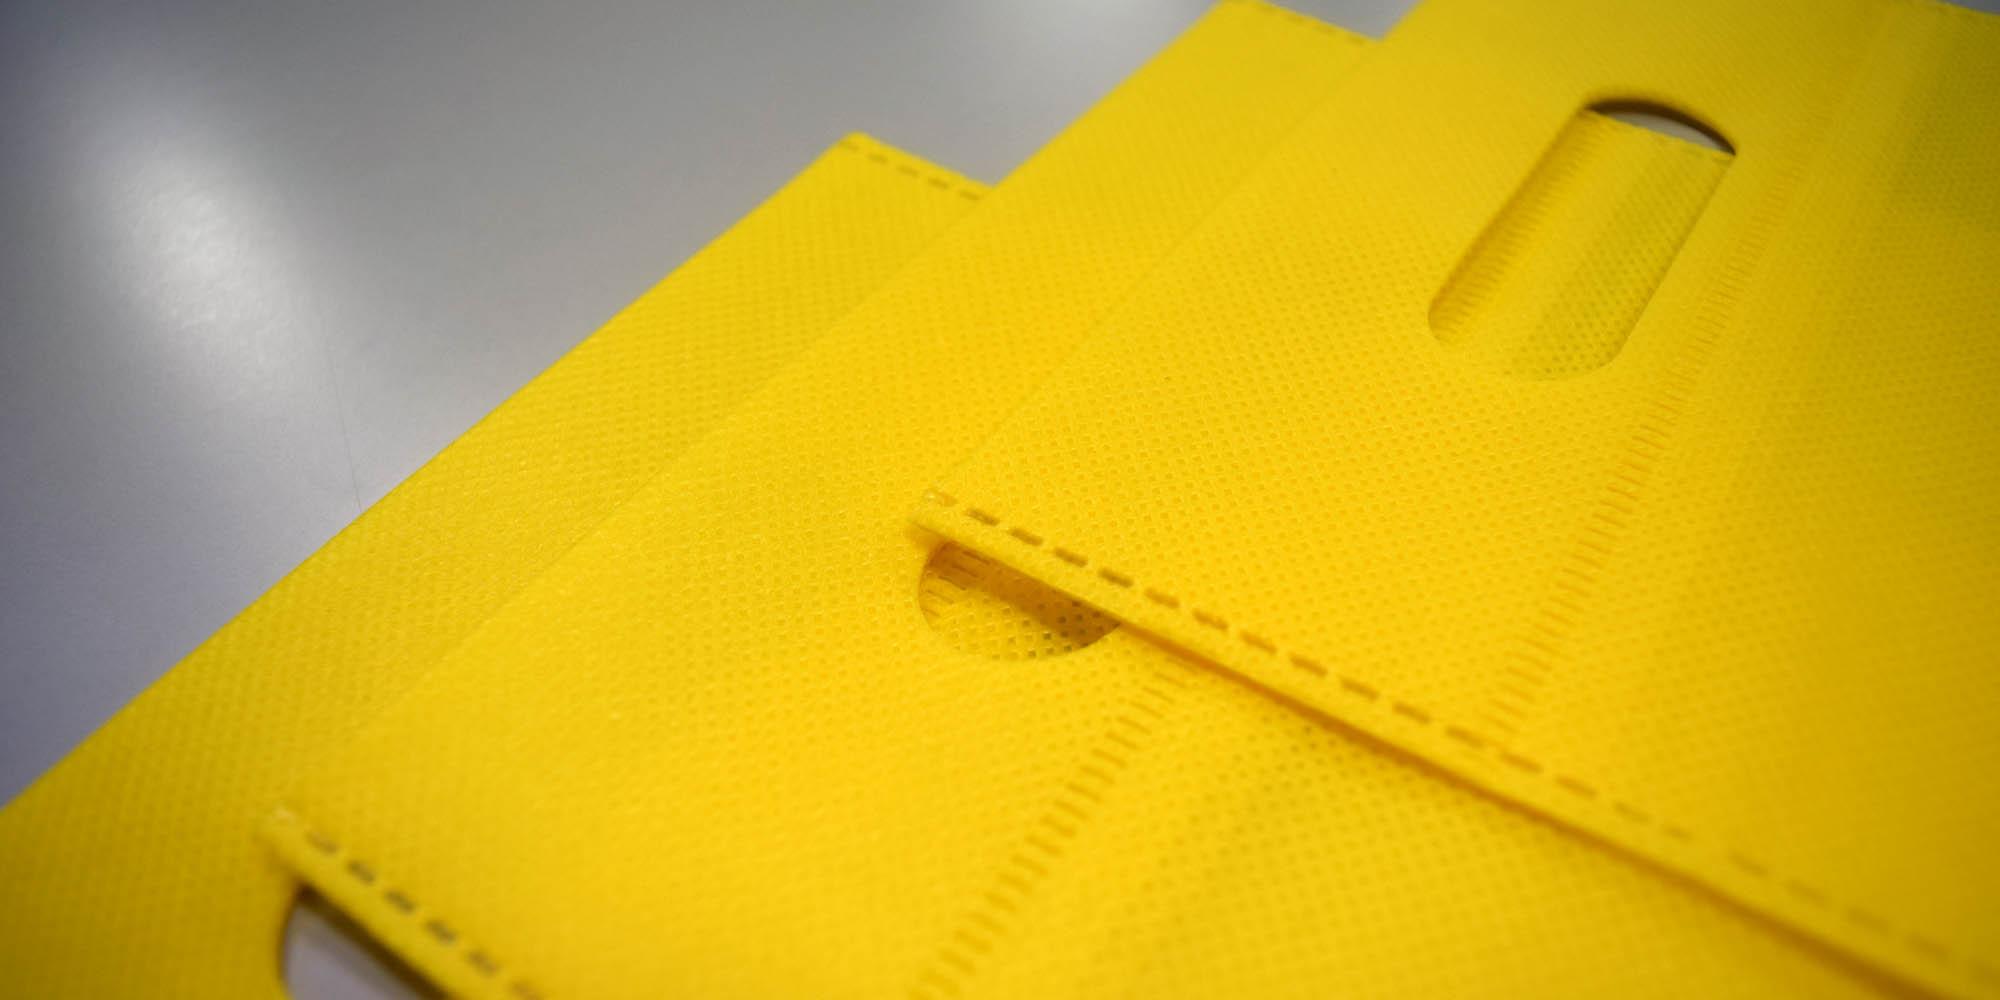 レトルト食品(タコライス )の購入・お持ち帰り用の不織布超音波縫製バッグ